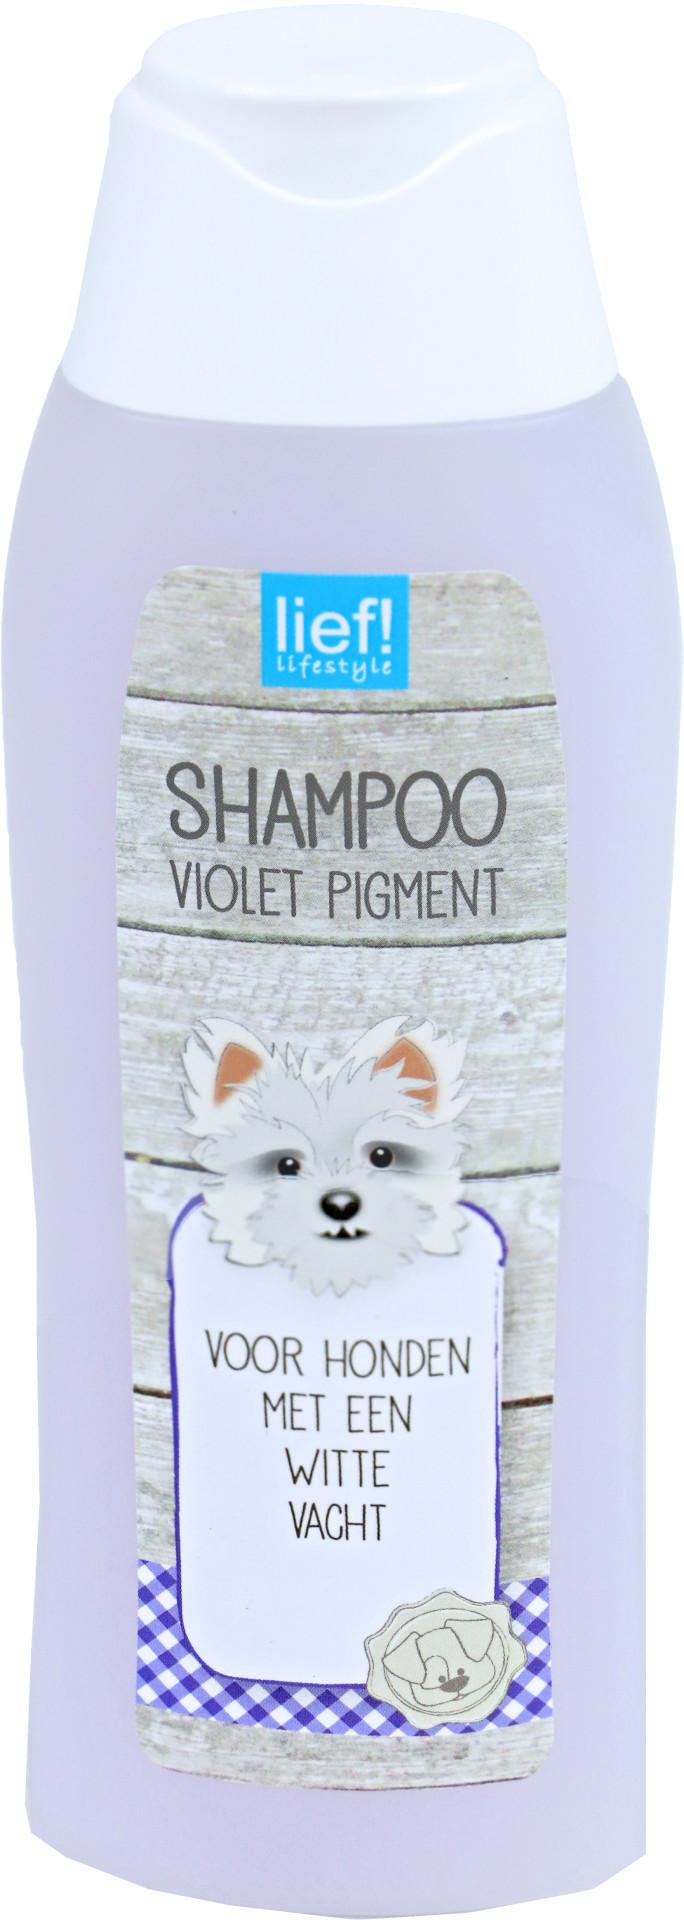 lief! lifestyle shampoo Witte Vacht 300 ml